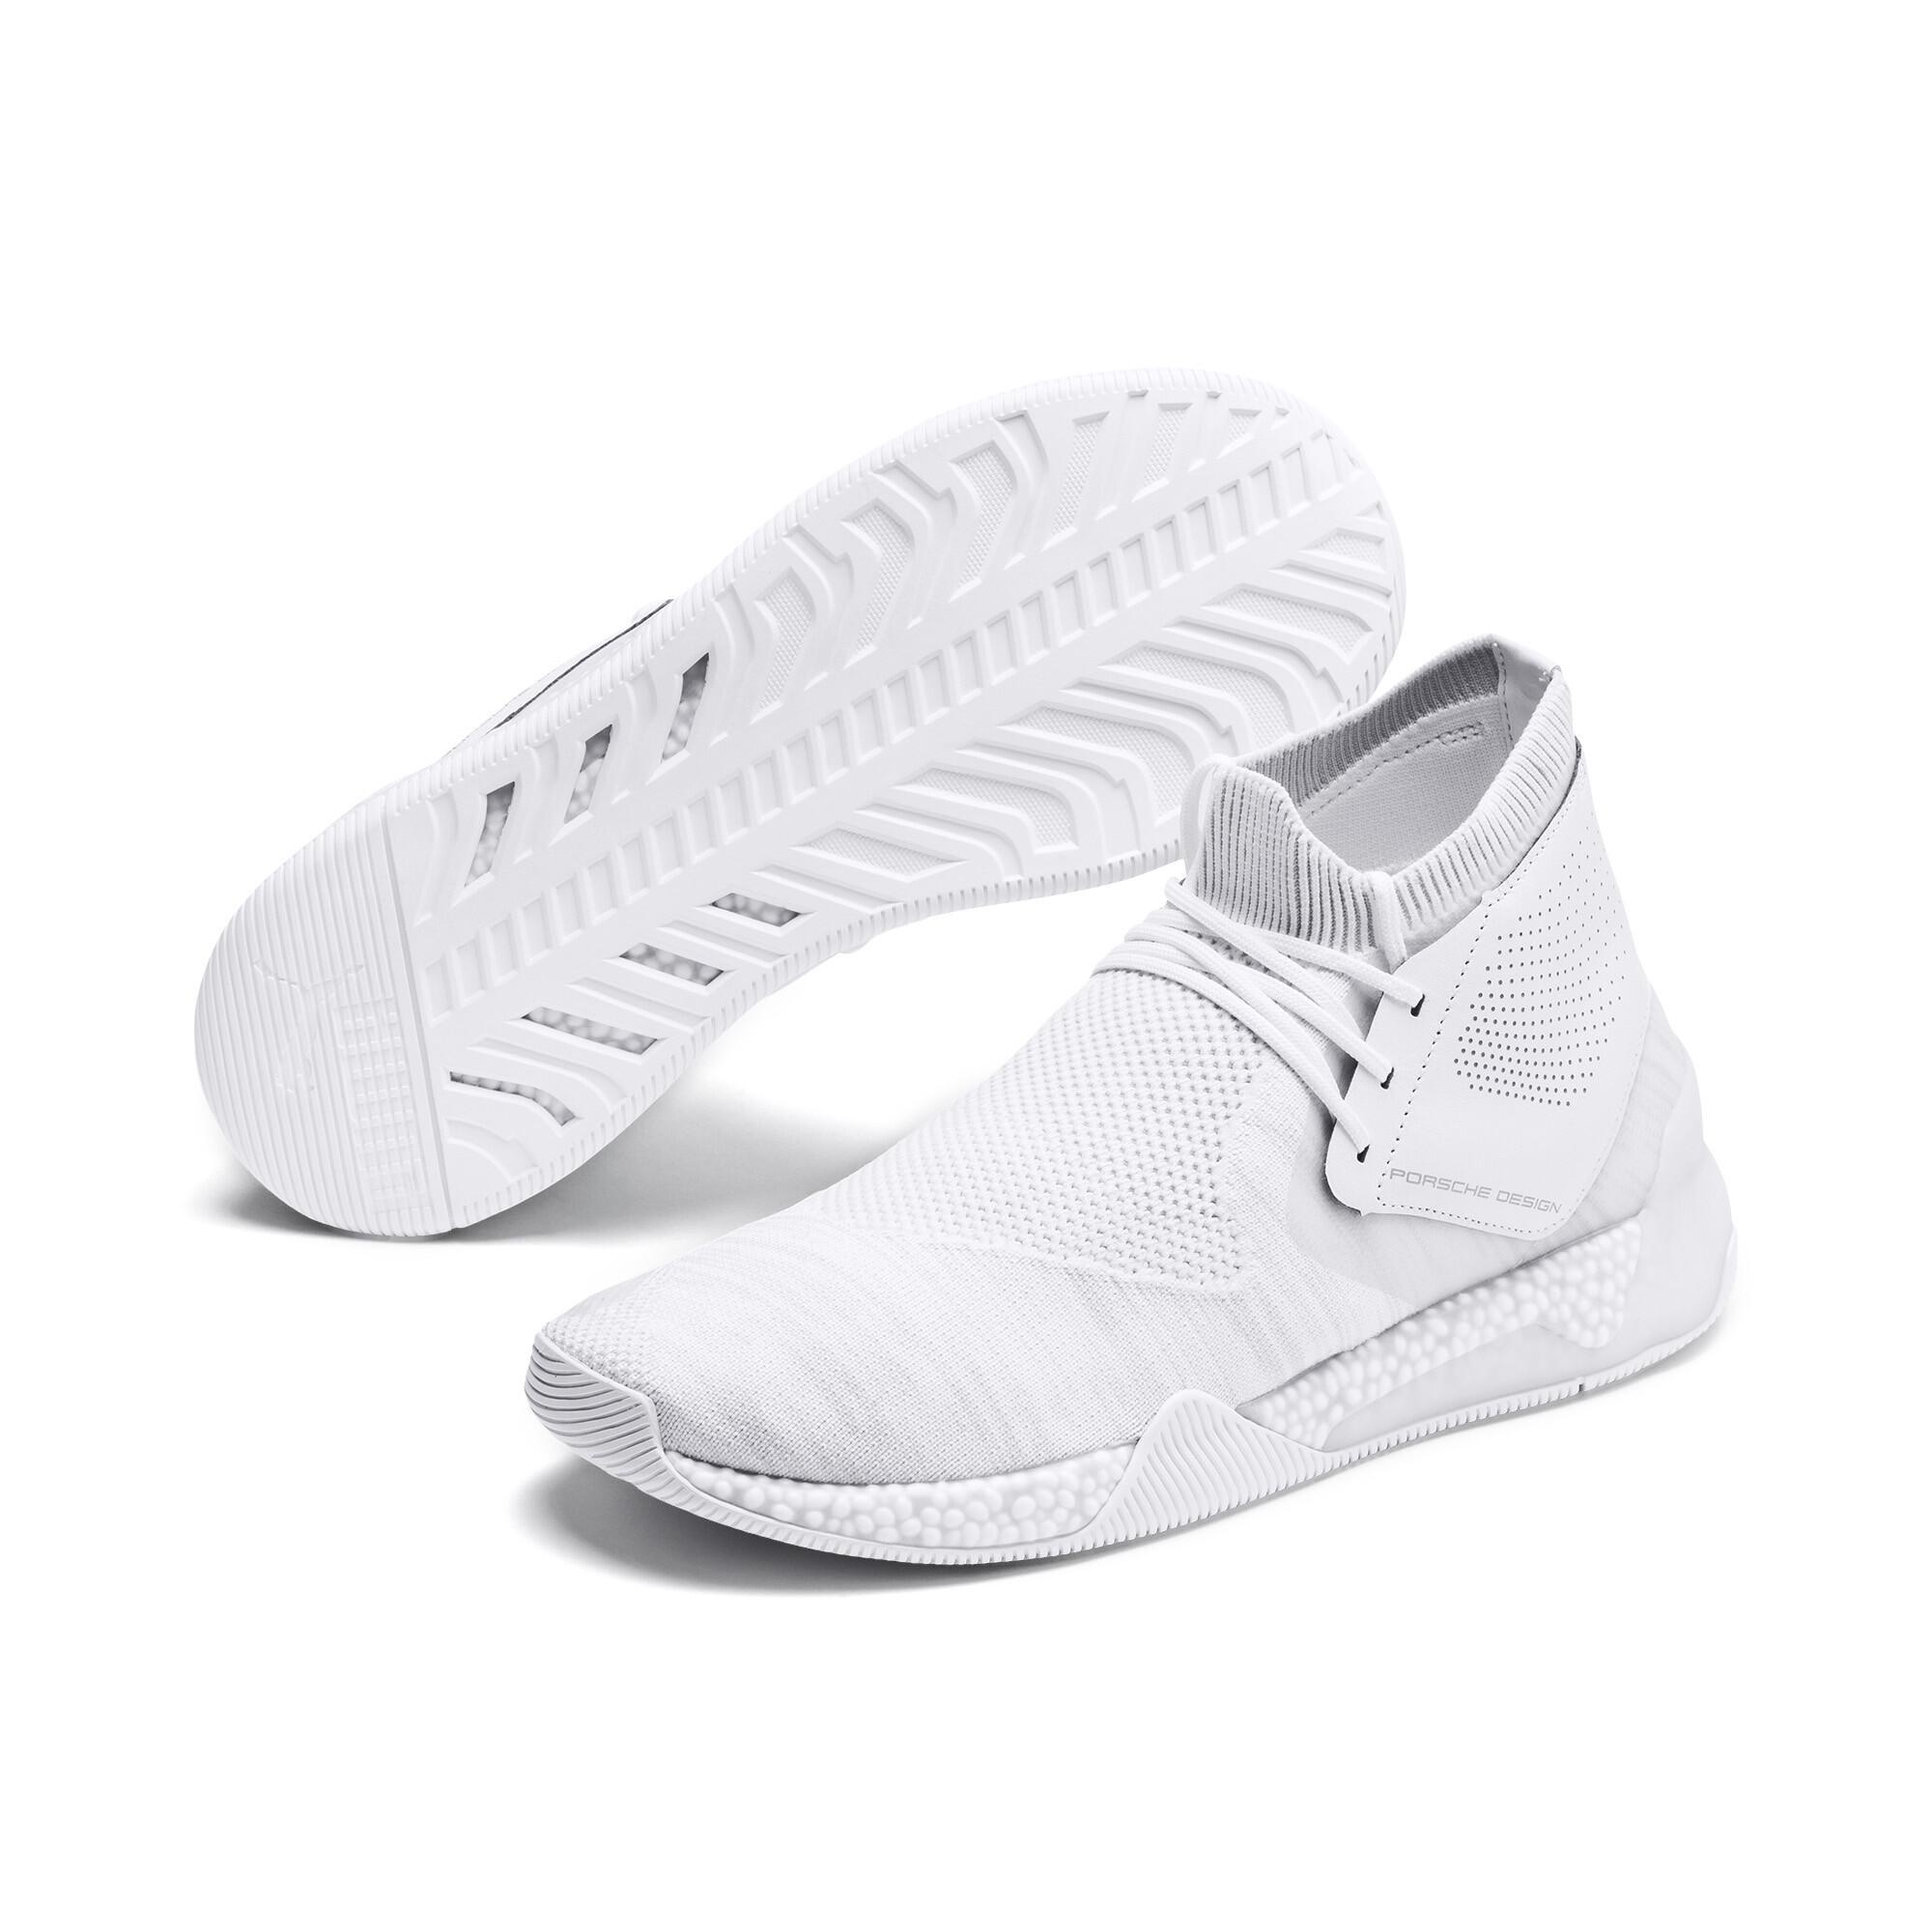 【プーマ公式通販】 プーマ PORSCHE DESIGN ハイブリット EVOニット メンズ Puma White-Puma White |PUMA.com